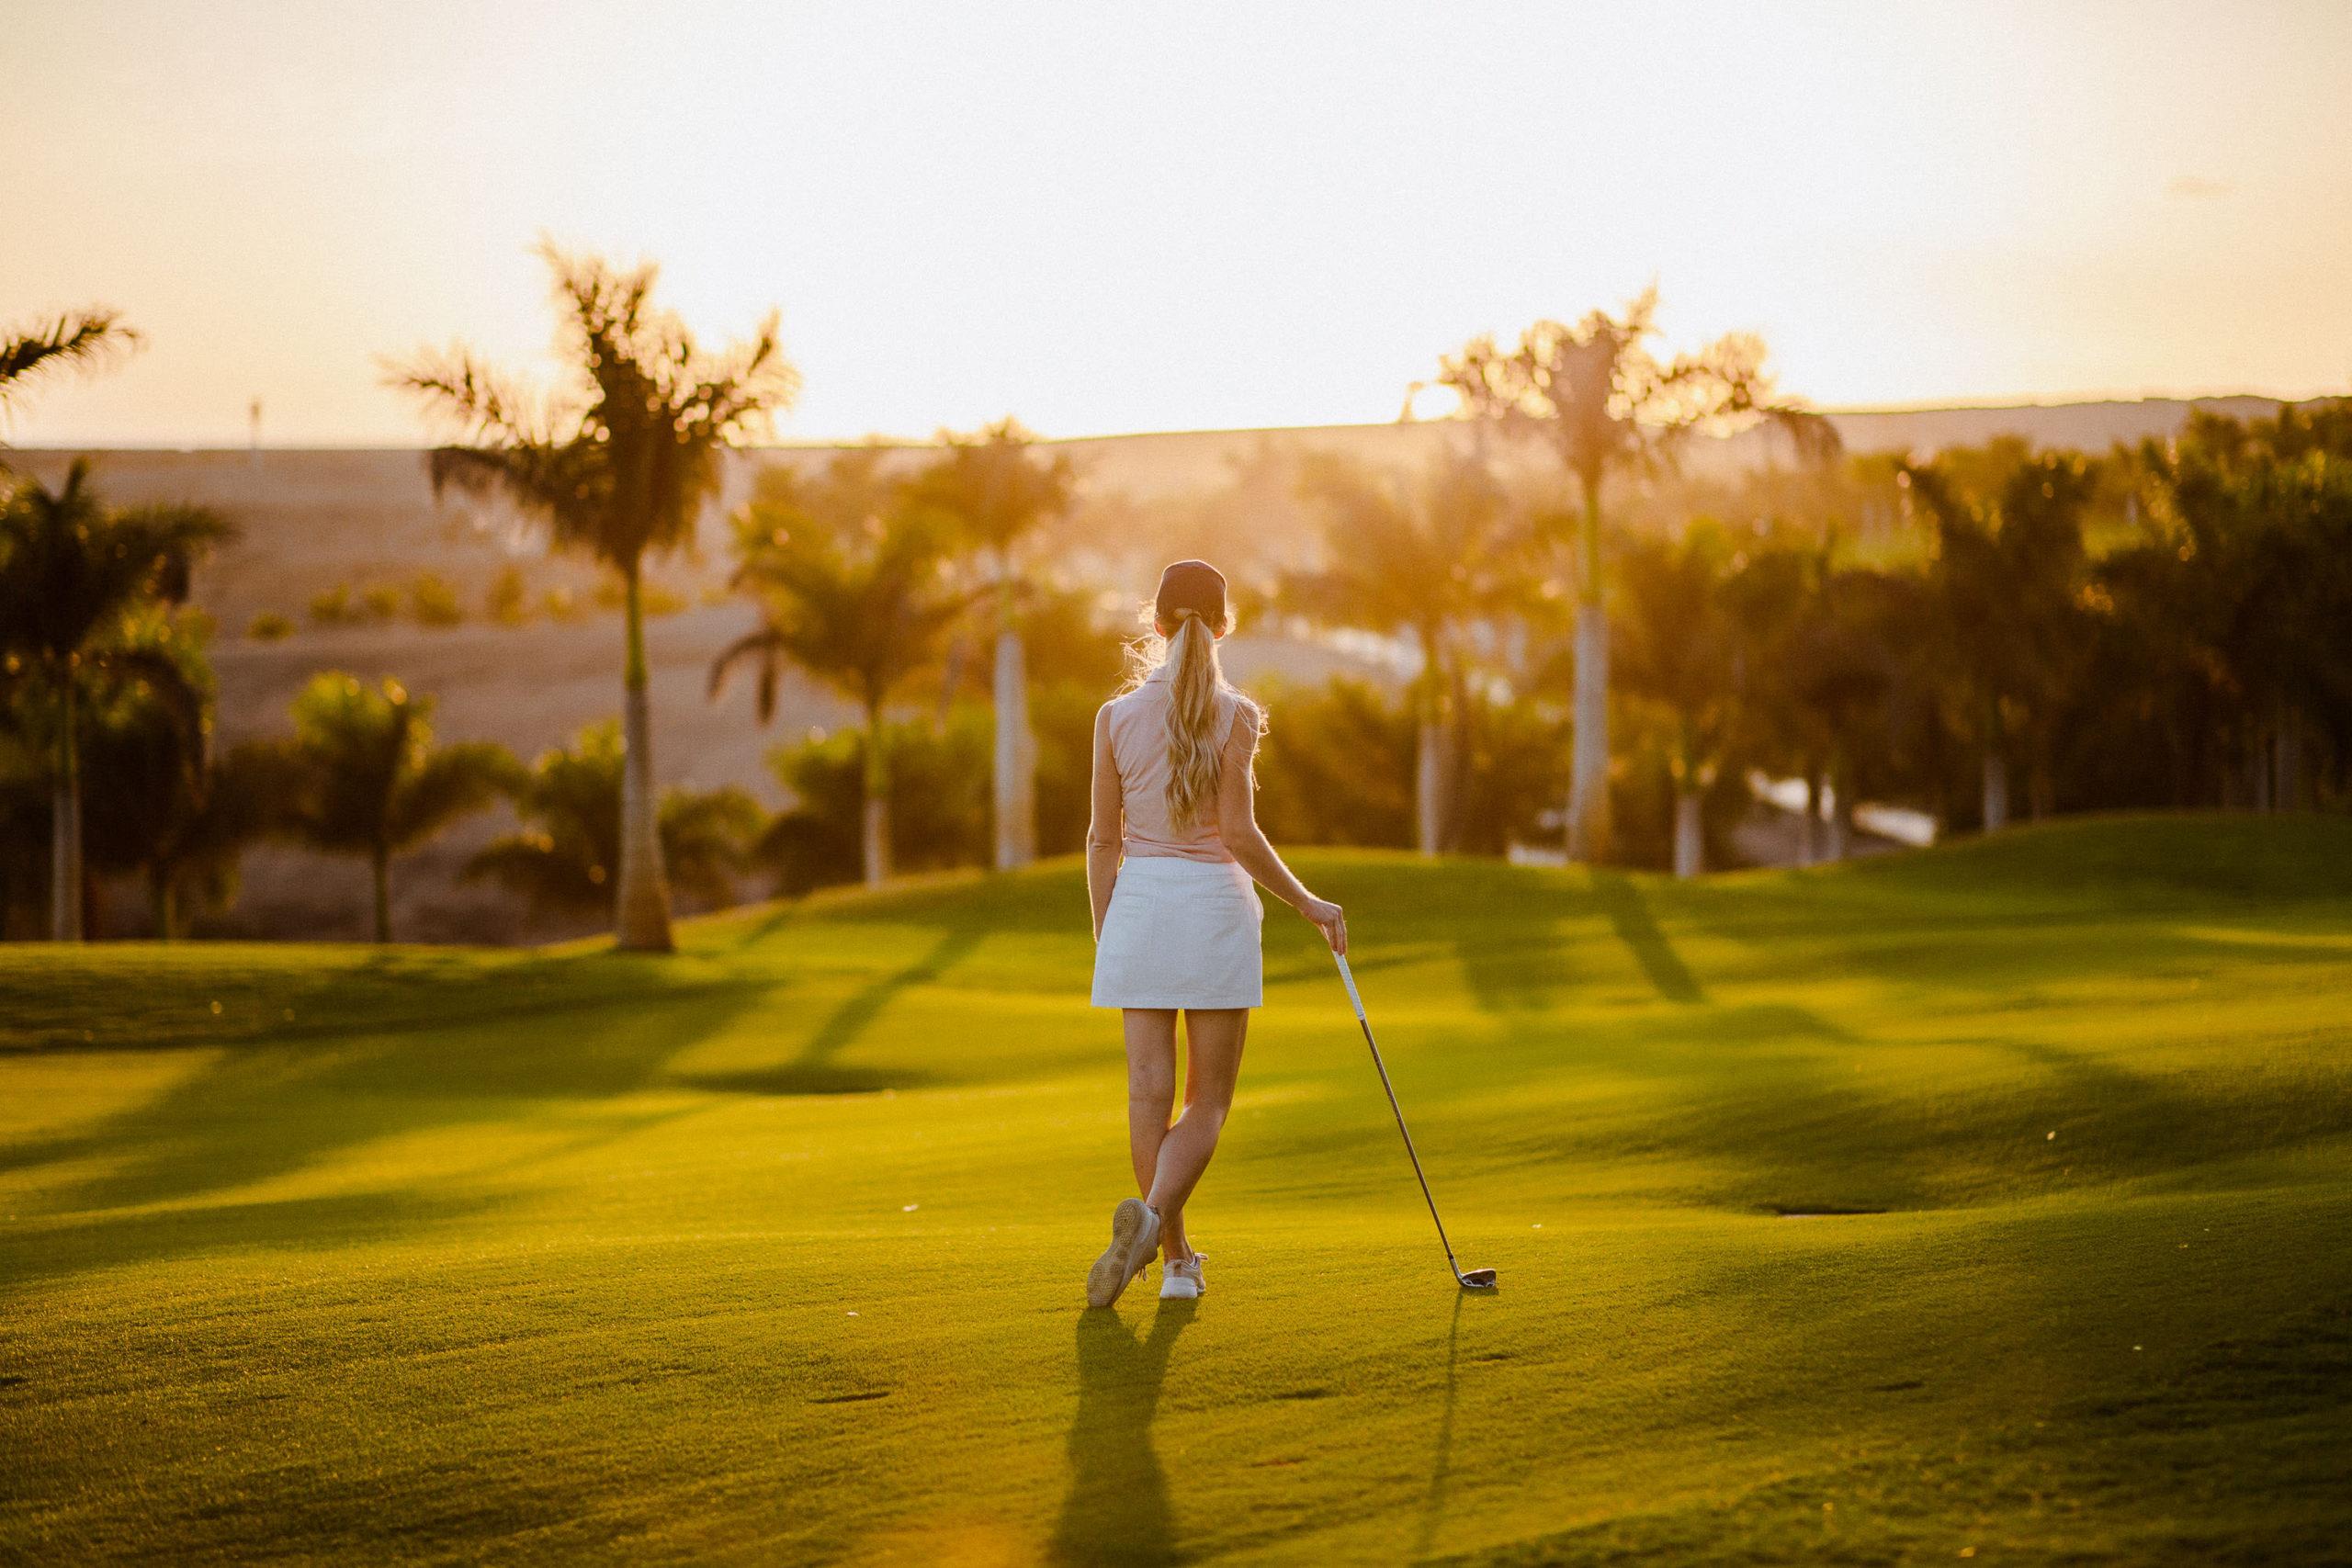 fotografo-de-bodas-las-palmas-gran-canaria-carlosglez-unbuenmomento-gran-canaria-golf-130